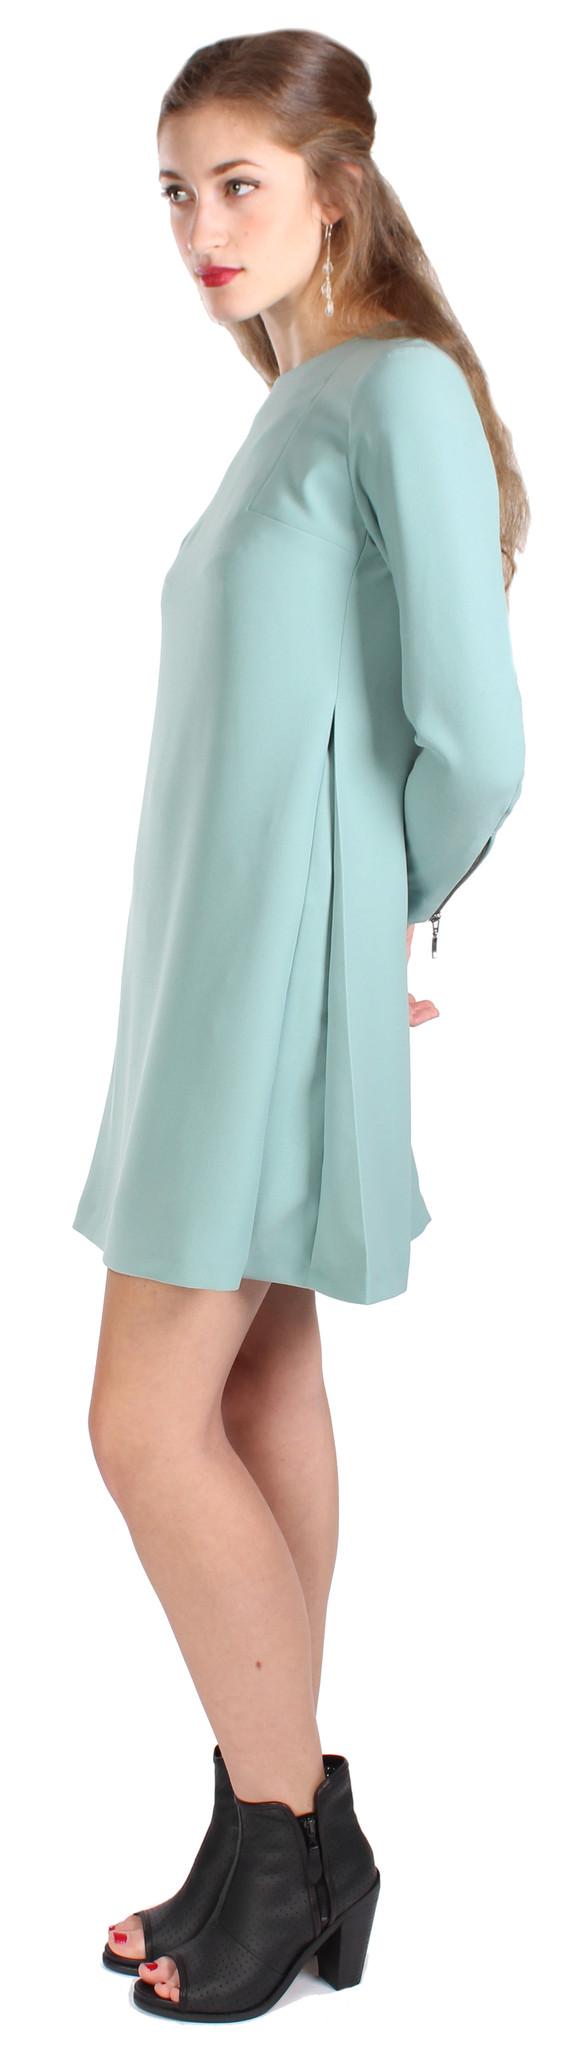 Hoss Intropia 3/4 Zipper Sleeve Dress